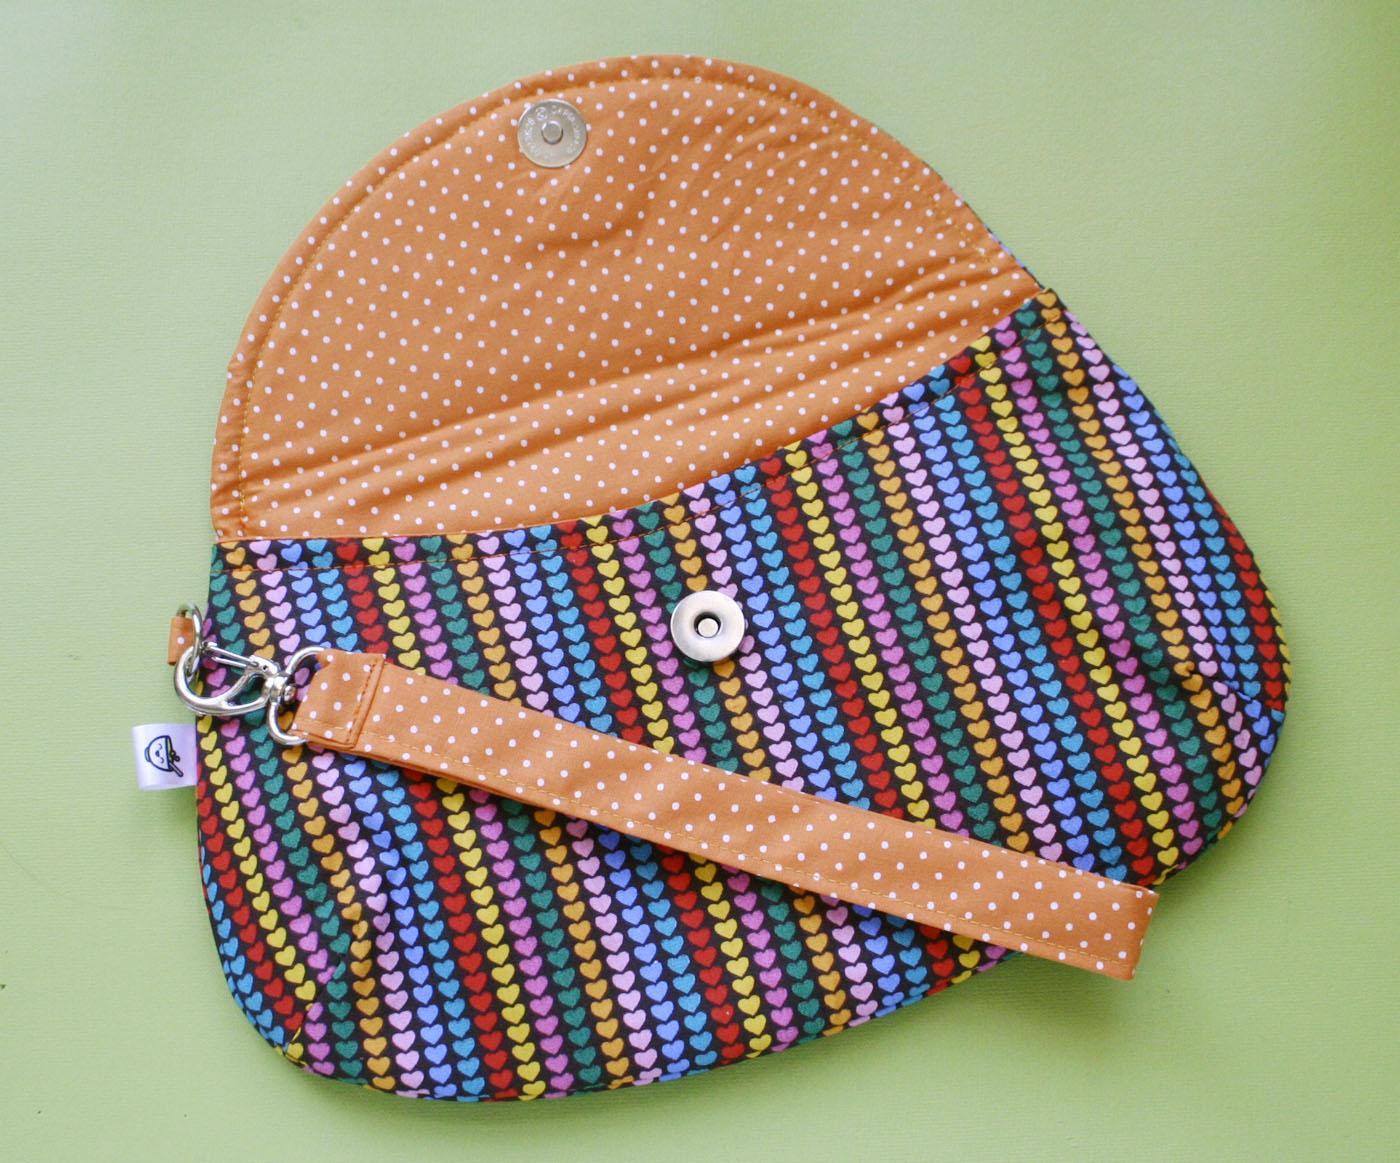 Bolsa De Mão Artesanal Passo A Passo : Clutch bag bolsa de m?o com alcinha meia tigela elo